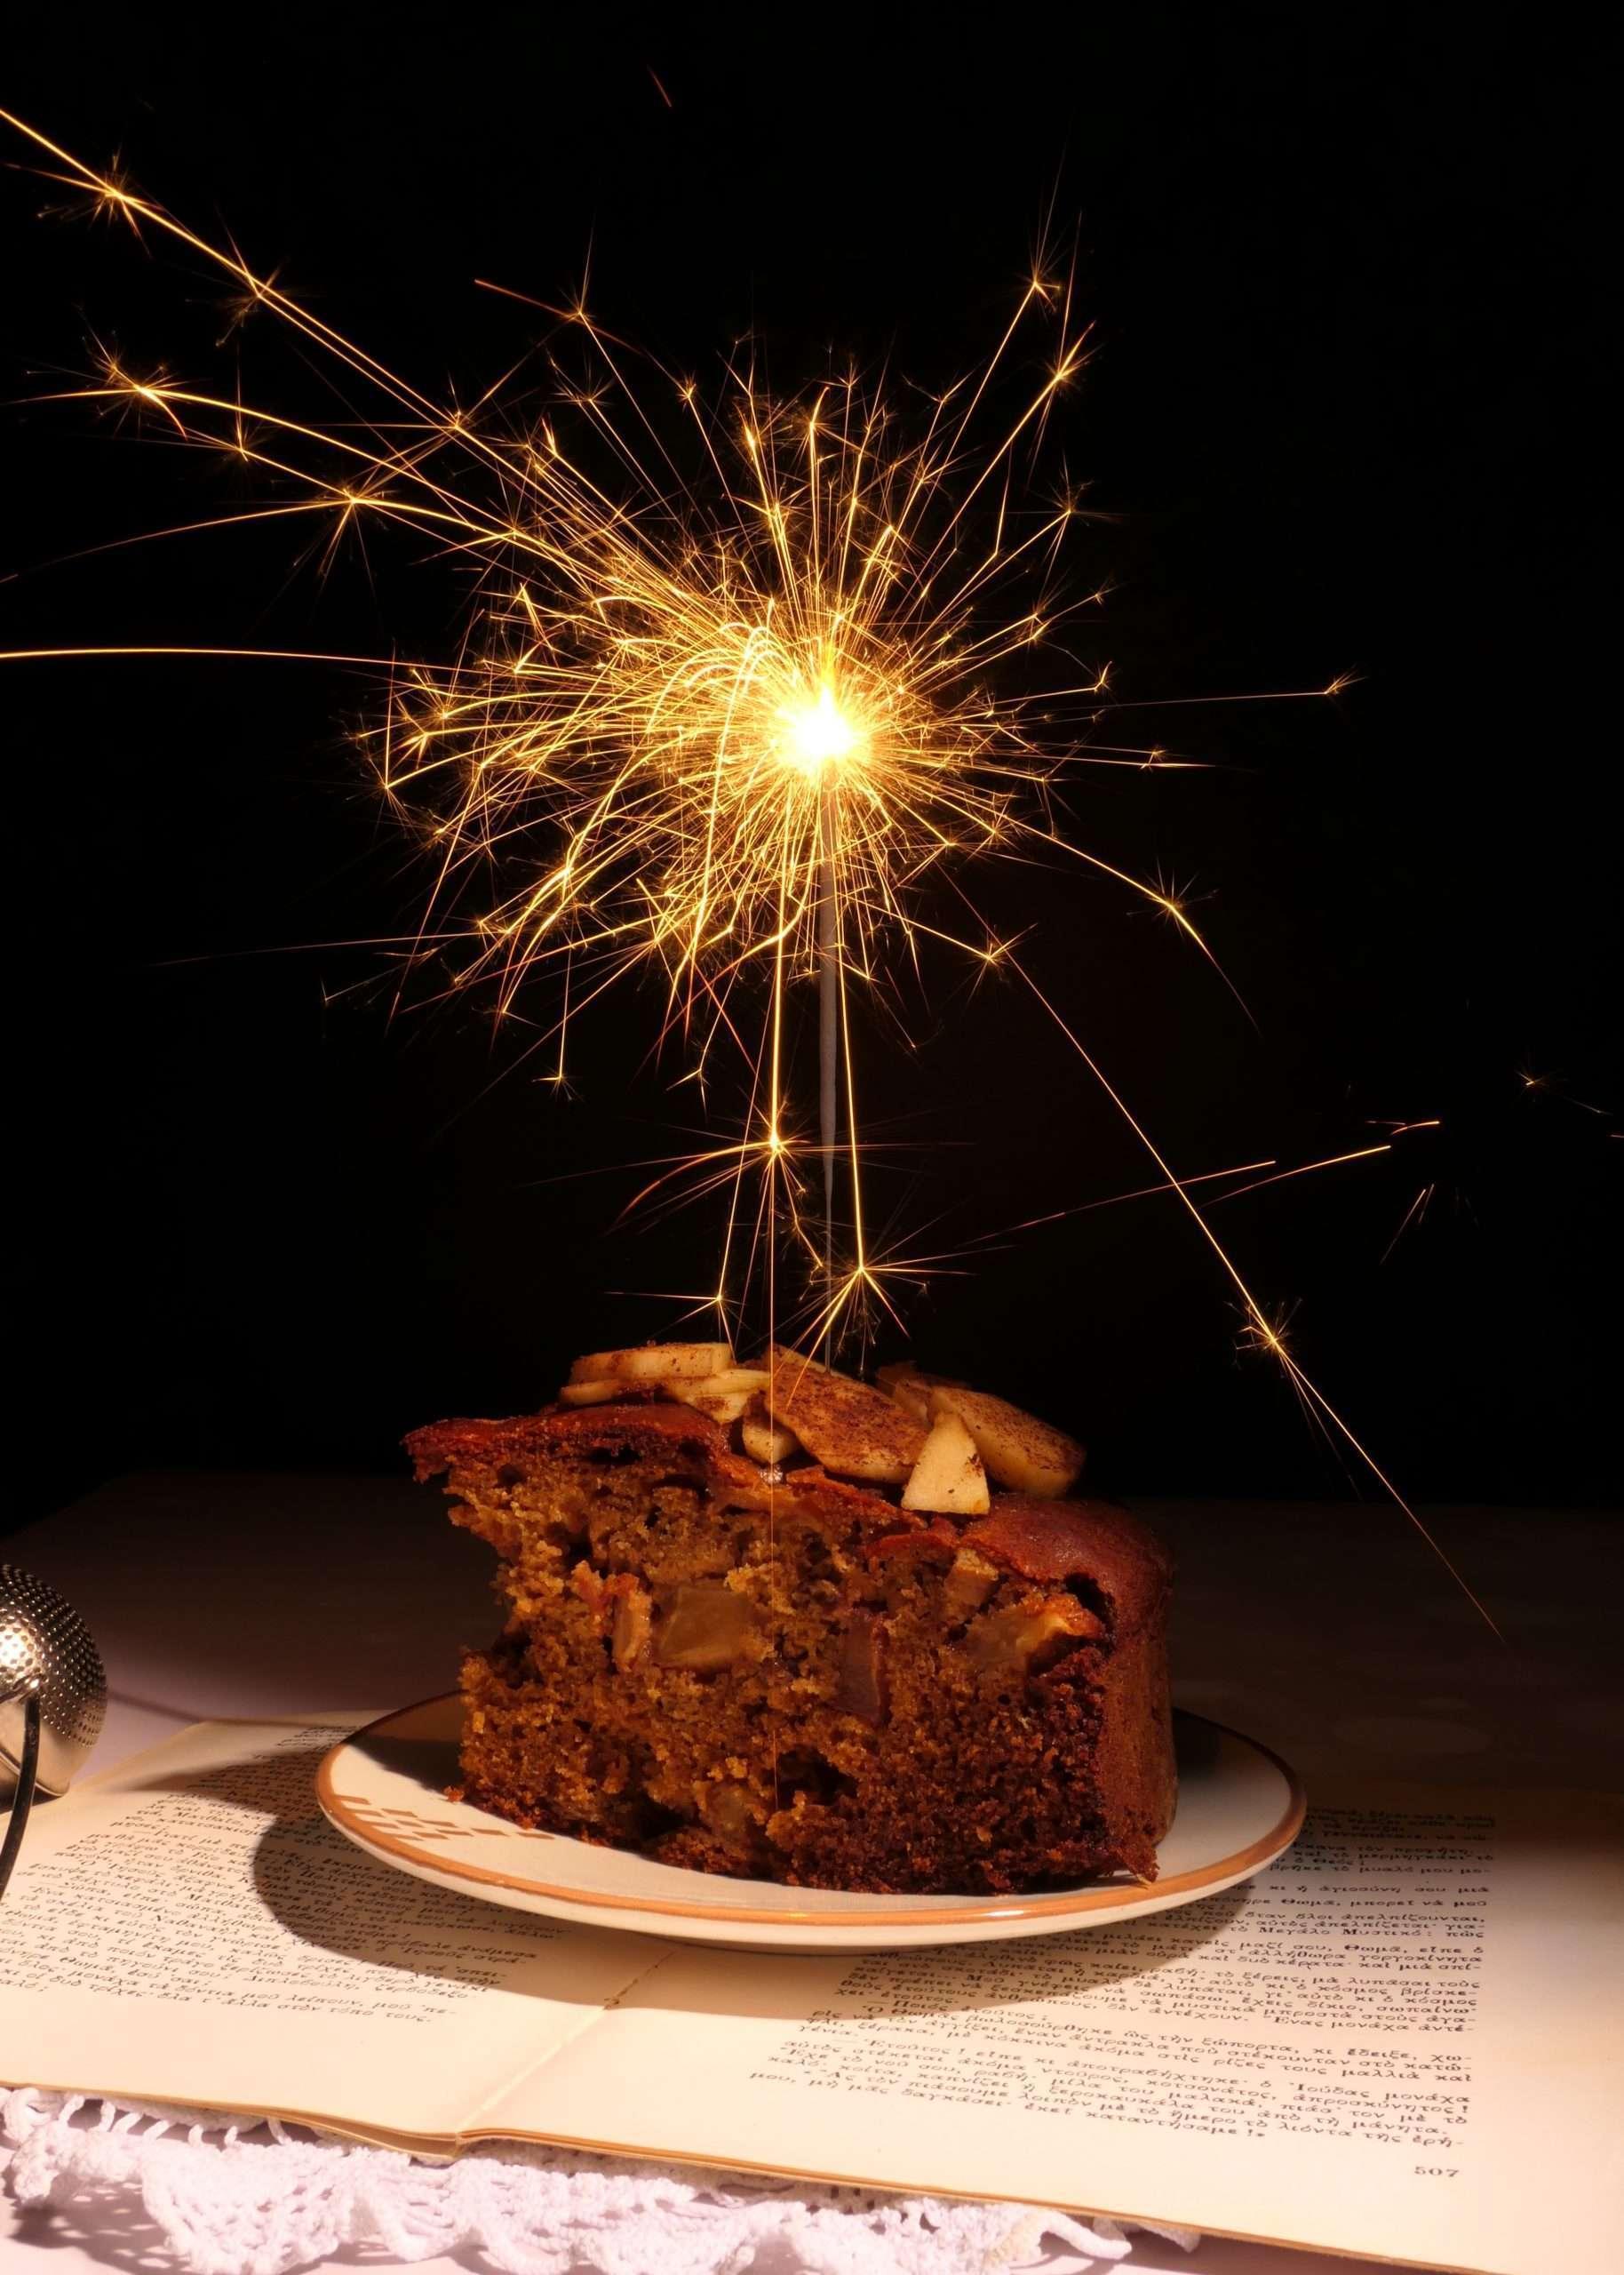 une assiette avec un morceau du cake aux pommes et un feu d'artifices